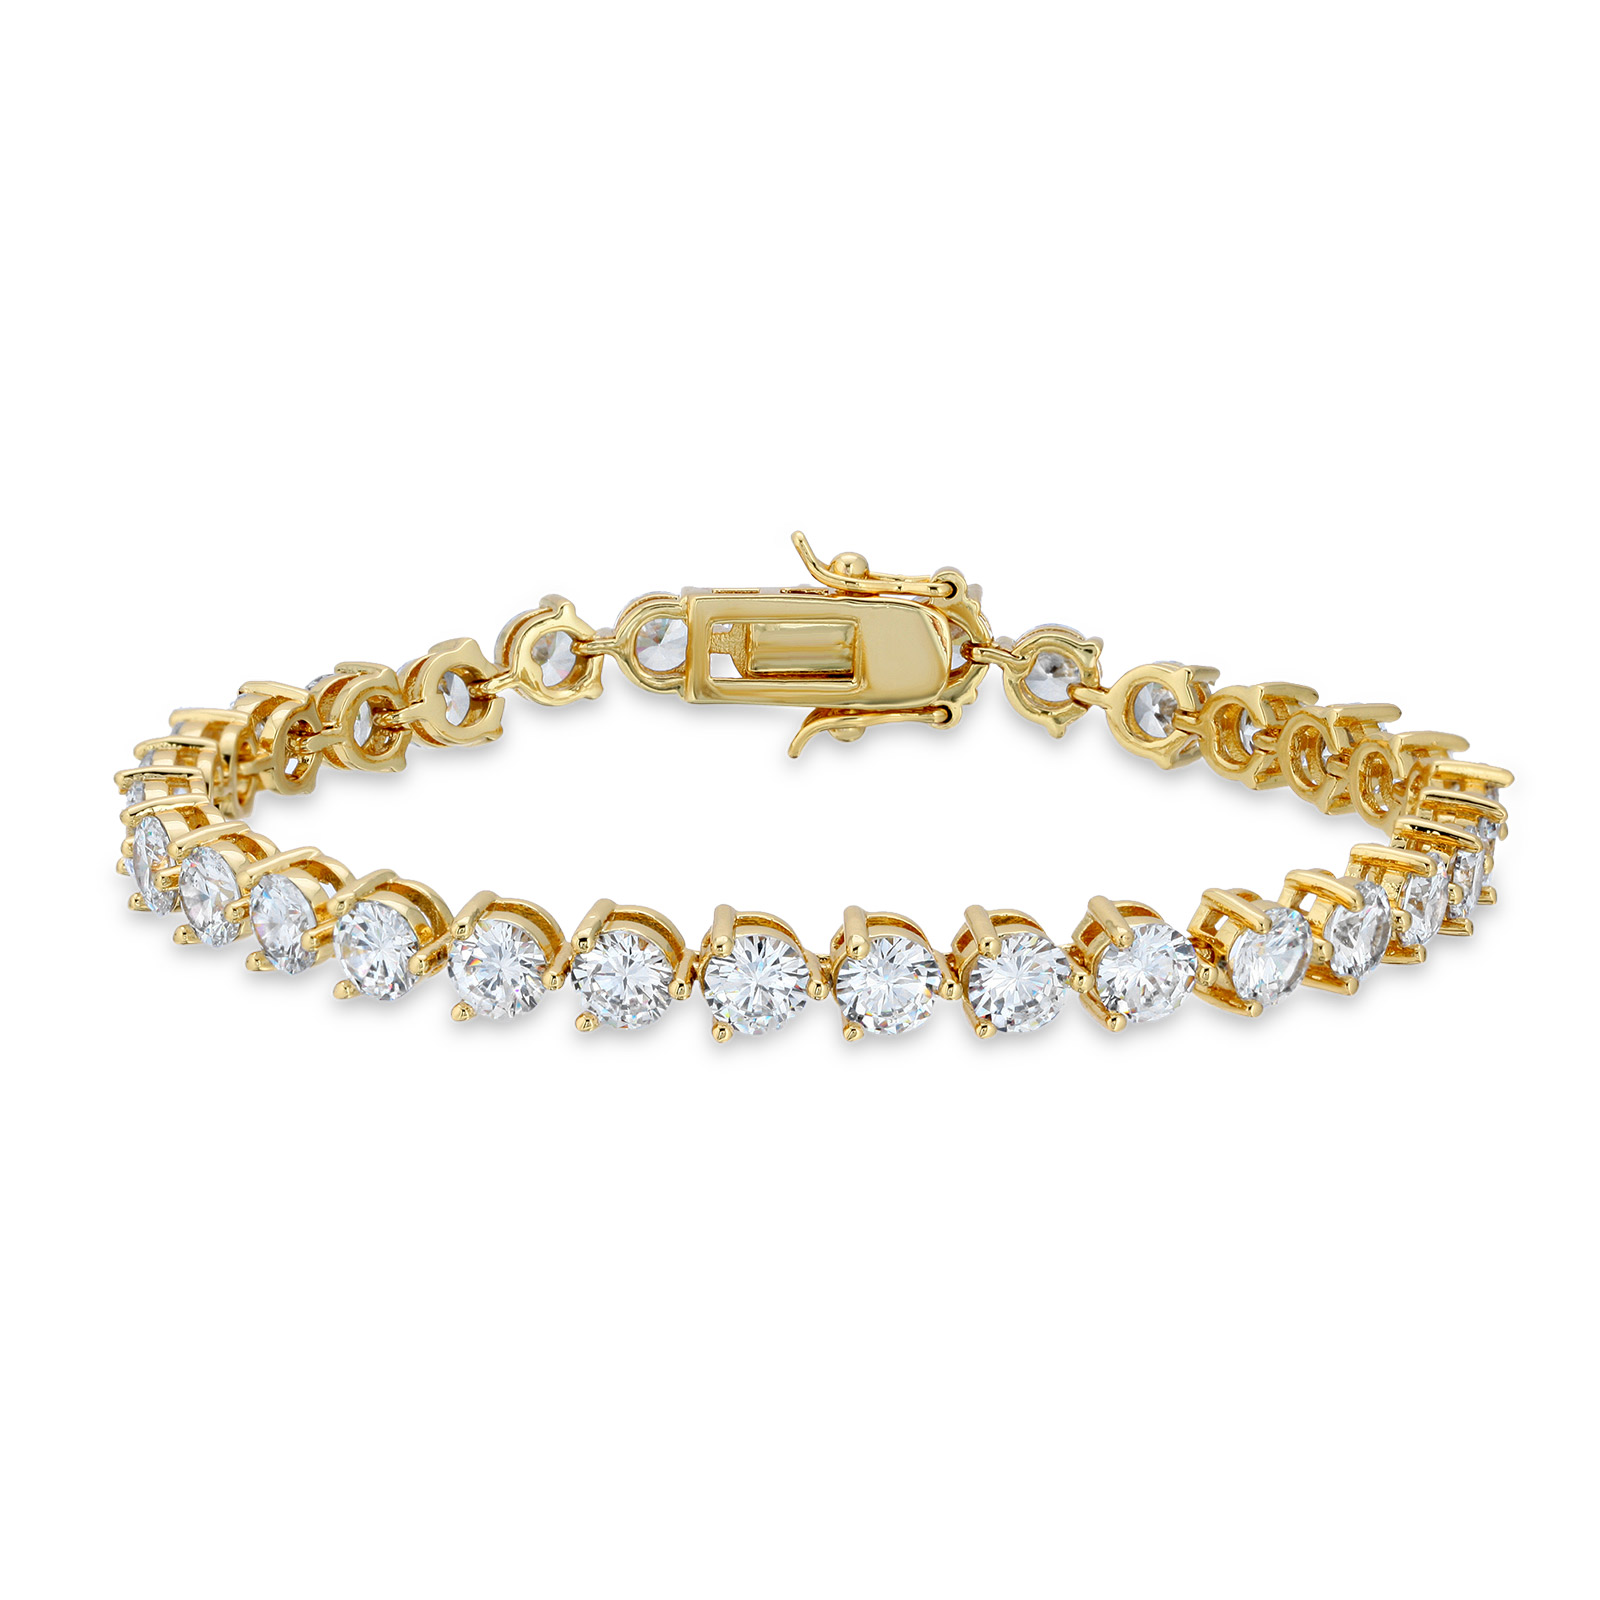 100% qualité garantie obtenir pas cher professionnel de la vente à chaud Rosny & Company Inc | Quality Wholesale Jewelry | Bangle ...